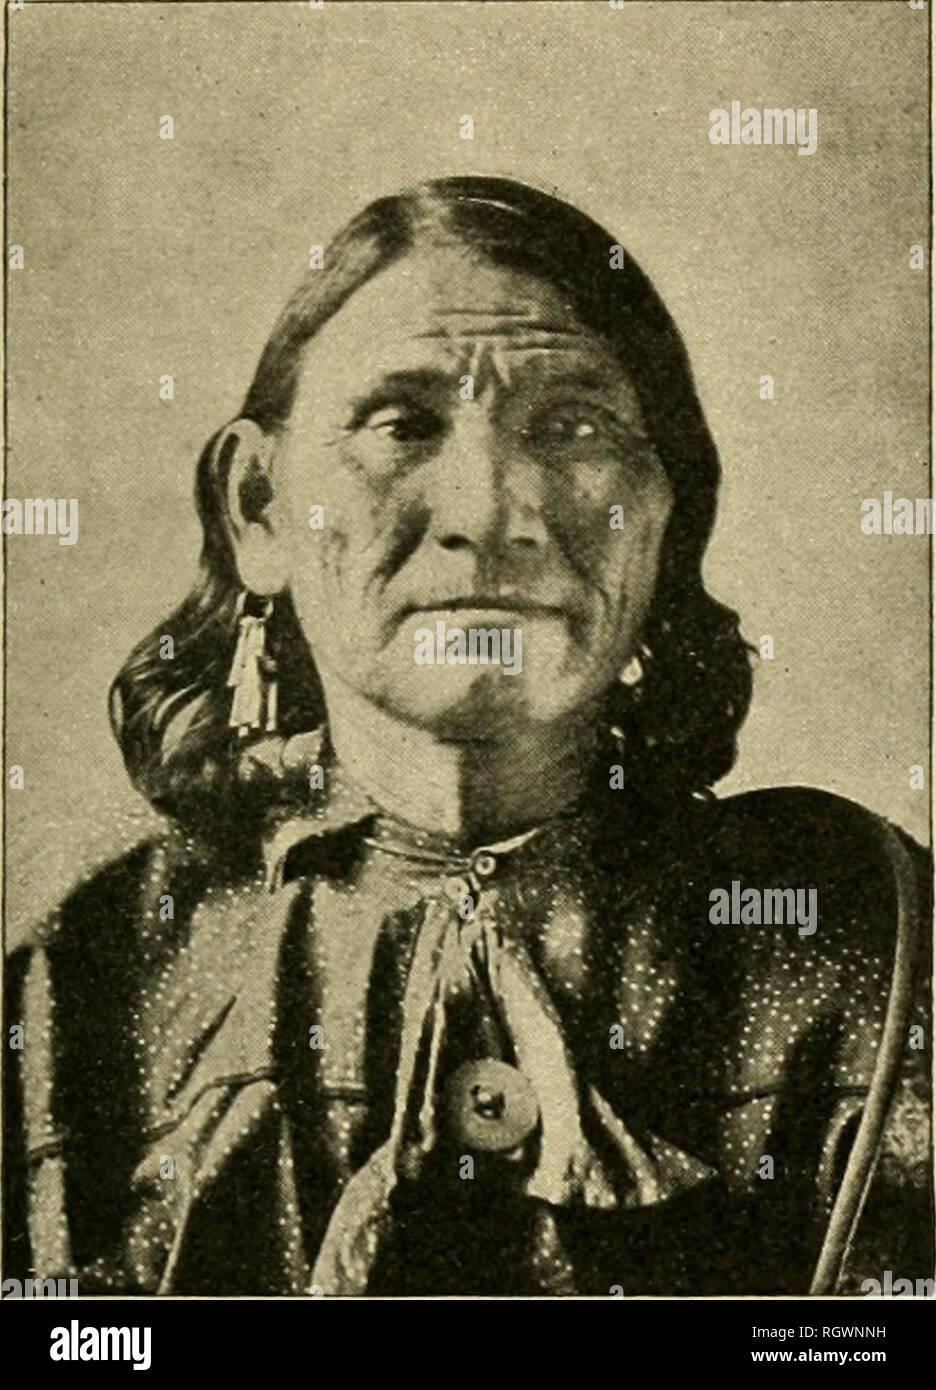 """. Bulletin. Ethnologie. Stier. 30] DELAWAEE 385 Männer, sind mehrere bekannte Familien von Wisconsin und Minnesota. (C. T.) Delaware. Eine Konföderation, früher die Wichtigste der Algonkin Lager, das sich über das gesamte Becken von Delaware r. In K. in Pennsylvania und s. e. New York, zusammen mit den meisten von New Jersey und Delaware. Tliey nannten sich Lenapeor Leni - Lenape, äquivalent zu """"echte Männer"""" oder """"native, echte Männer', die Eng-hsh kannte sie als Delawares, aus dem Namen Ihrer wichtigsten Fluss; die Frencli rief sie Loups, """"Wölfe"""", ein Begriff, der vermutlich Angewandte ursprünglich für den Ma-hic Stockfoto"""